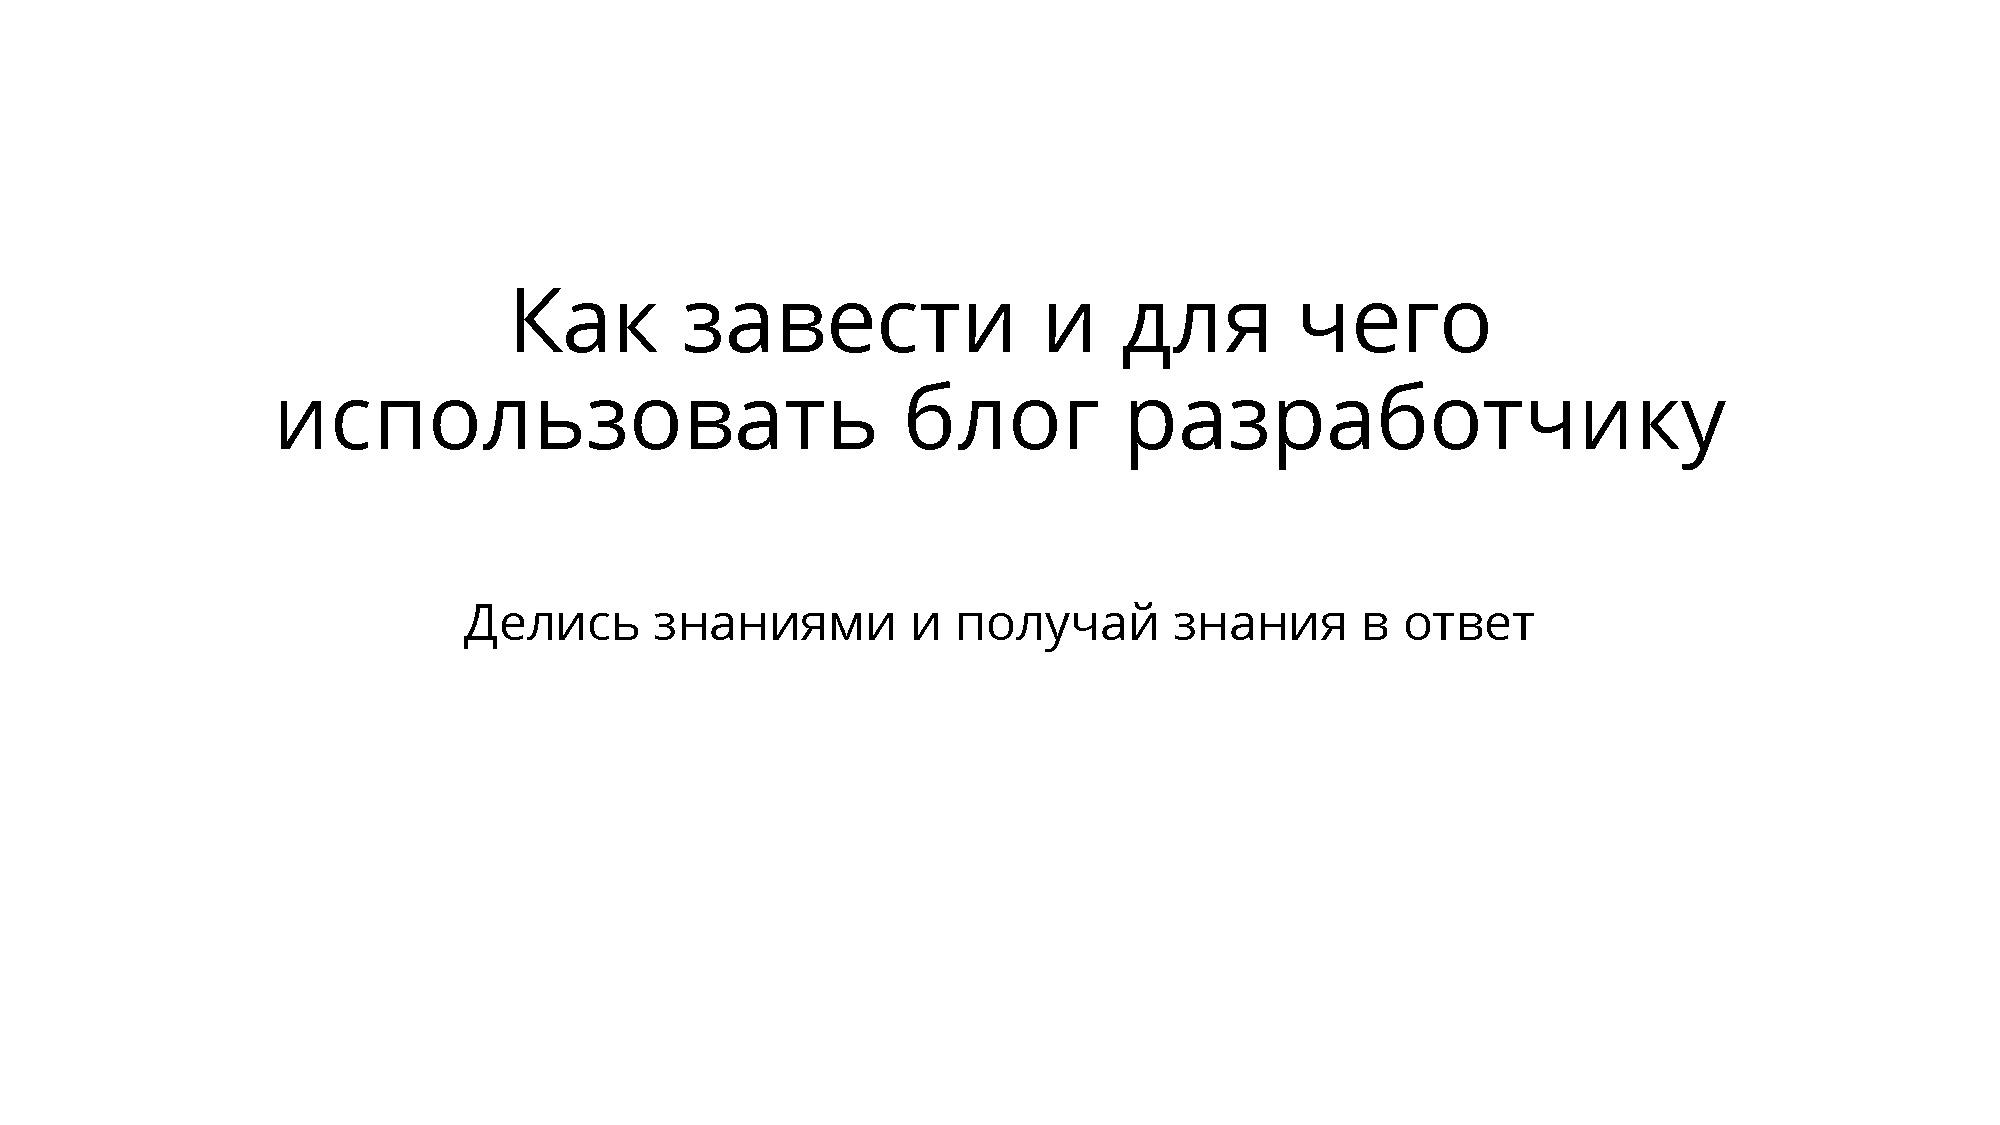 Kak_zavesti_i_dlya_chego_ispolzovat_blog_razrabotchiku__Denis_Yanchevskiy_Страница_03